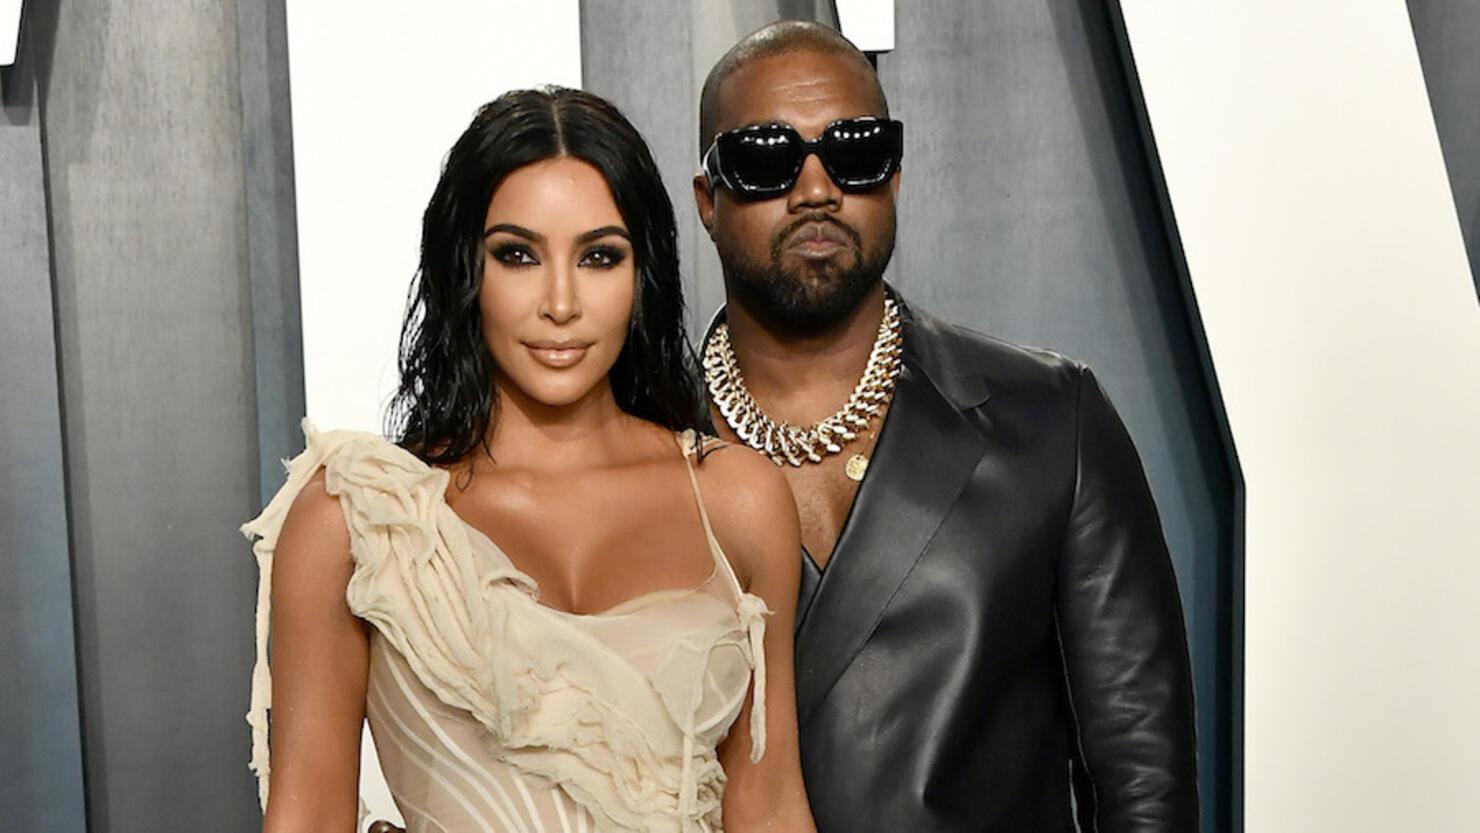 Kim Kardashian Pictured Without Wedding Ring Before Kanye ...